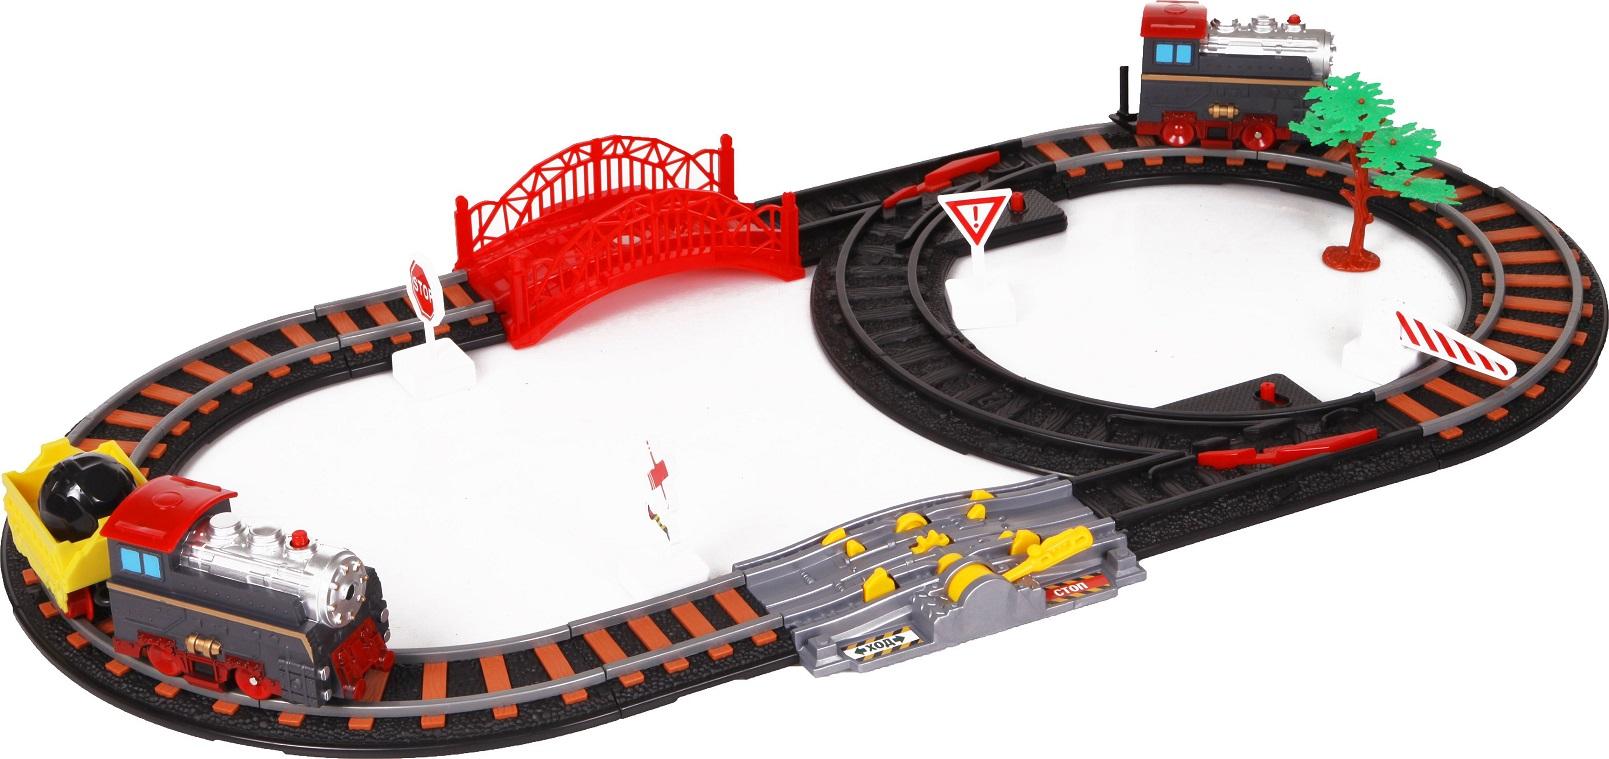 Железная дорога - Останови крушение! с 2-мя стрелками, механизмом остановки и семафоромДетская железная дорога<br>Железная дорога - Останови крушение! с 2-мя стрелками, механизмом остановки и семафором<br>